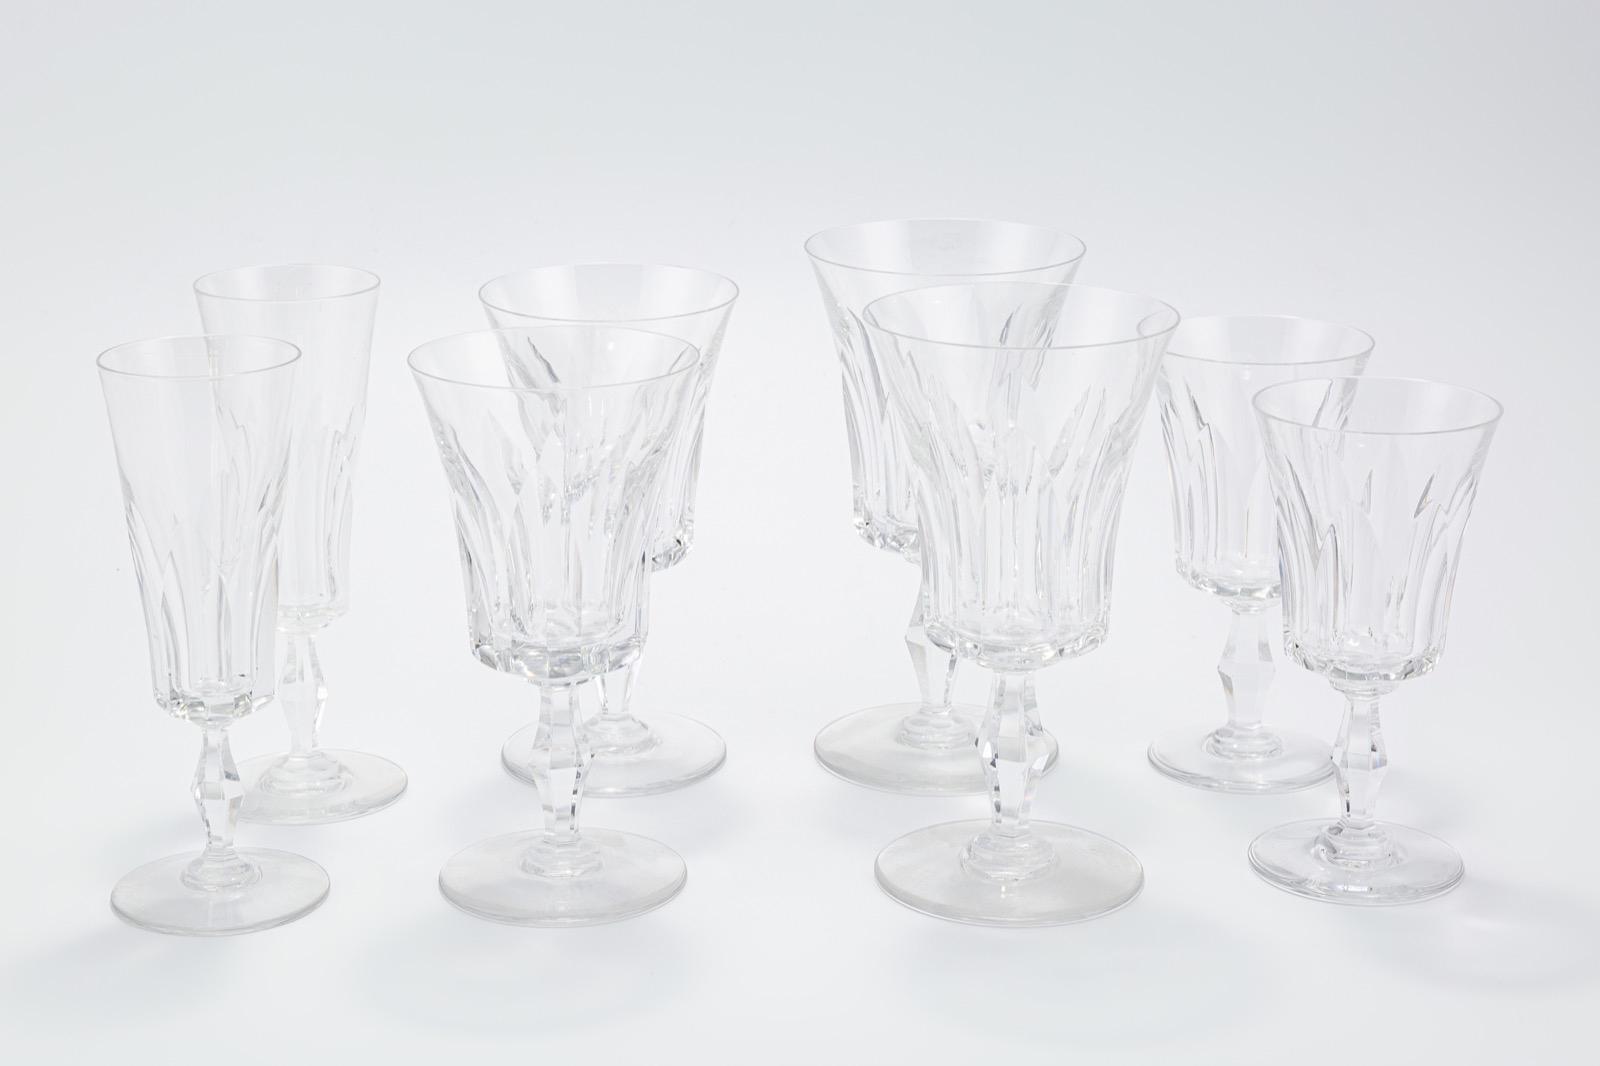 43- BACCARAT, France. Partie de service de verres en cristal taillé de 48 pièces. Adjugé 400€ 2